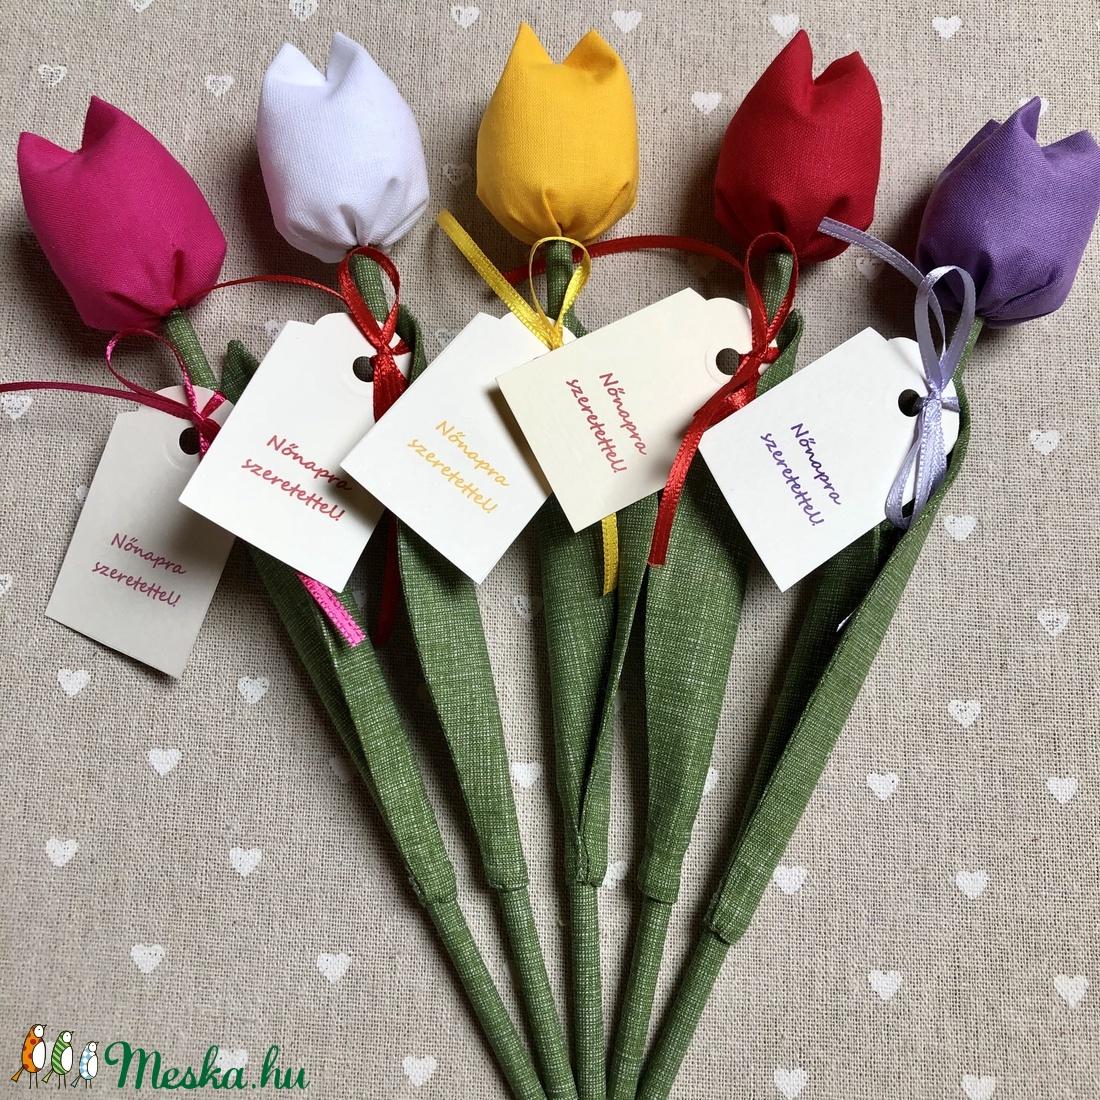 Nőnapi textil tulipánok / szett: 5 db/ ingyen ajándékkísérővel - Meska.hu